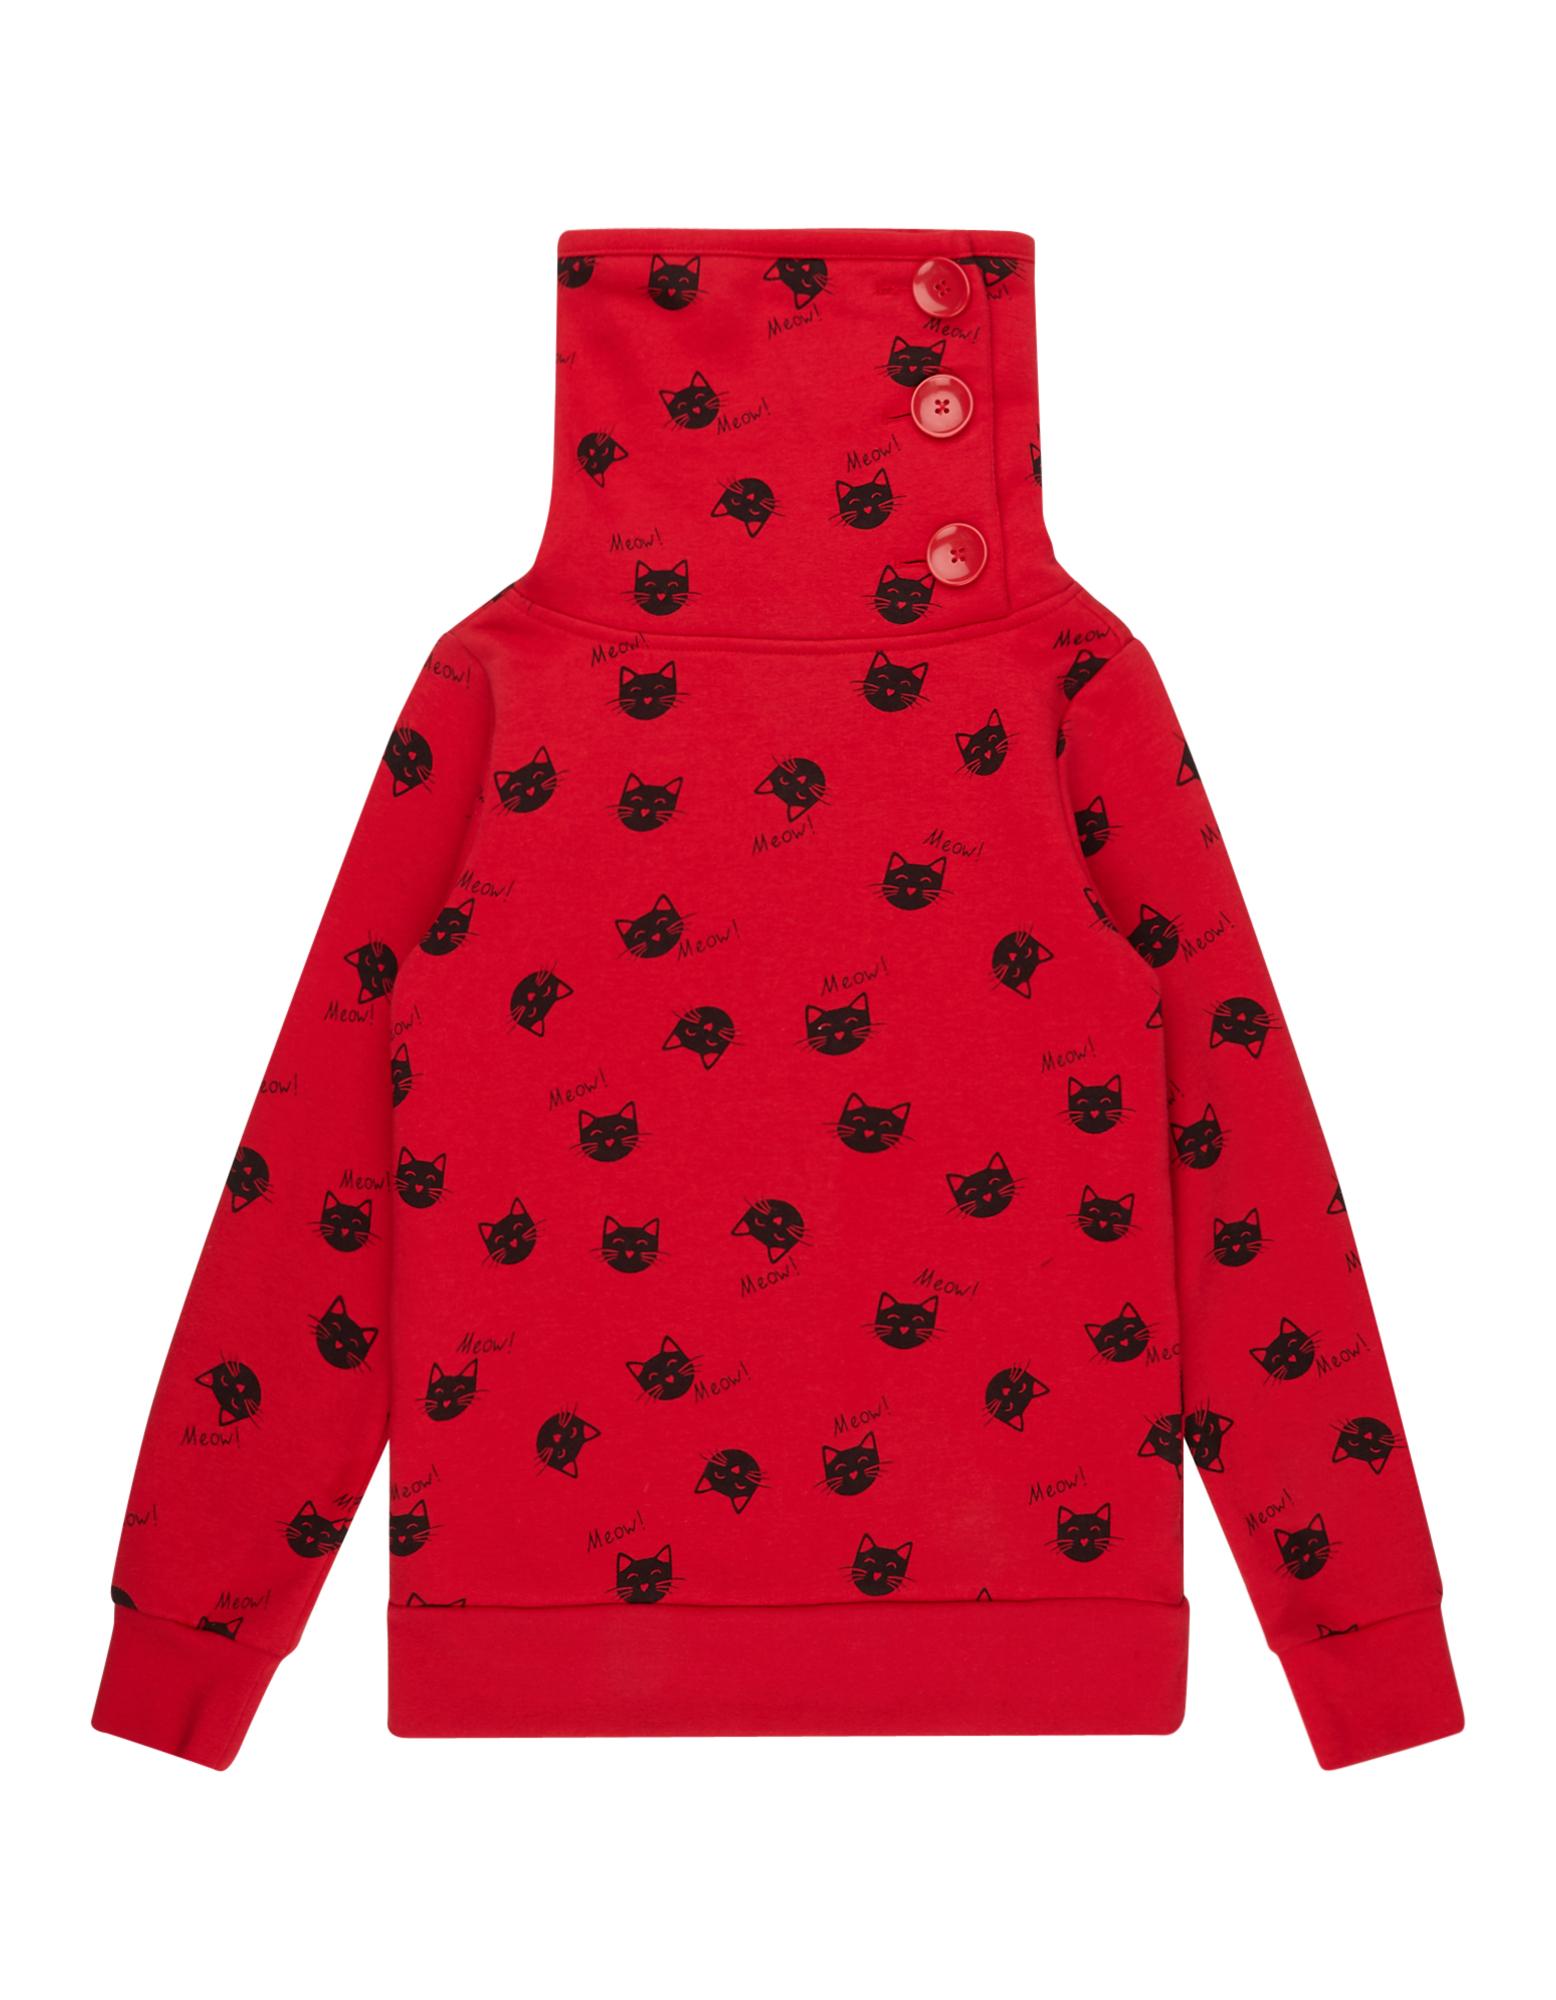 Mädchen Sweatshirt mit Tube Collar und Knopfleiste  | 81541433290101